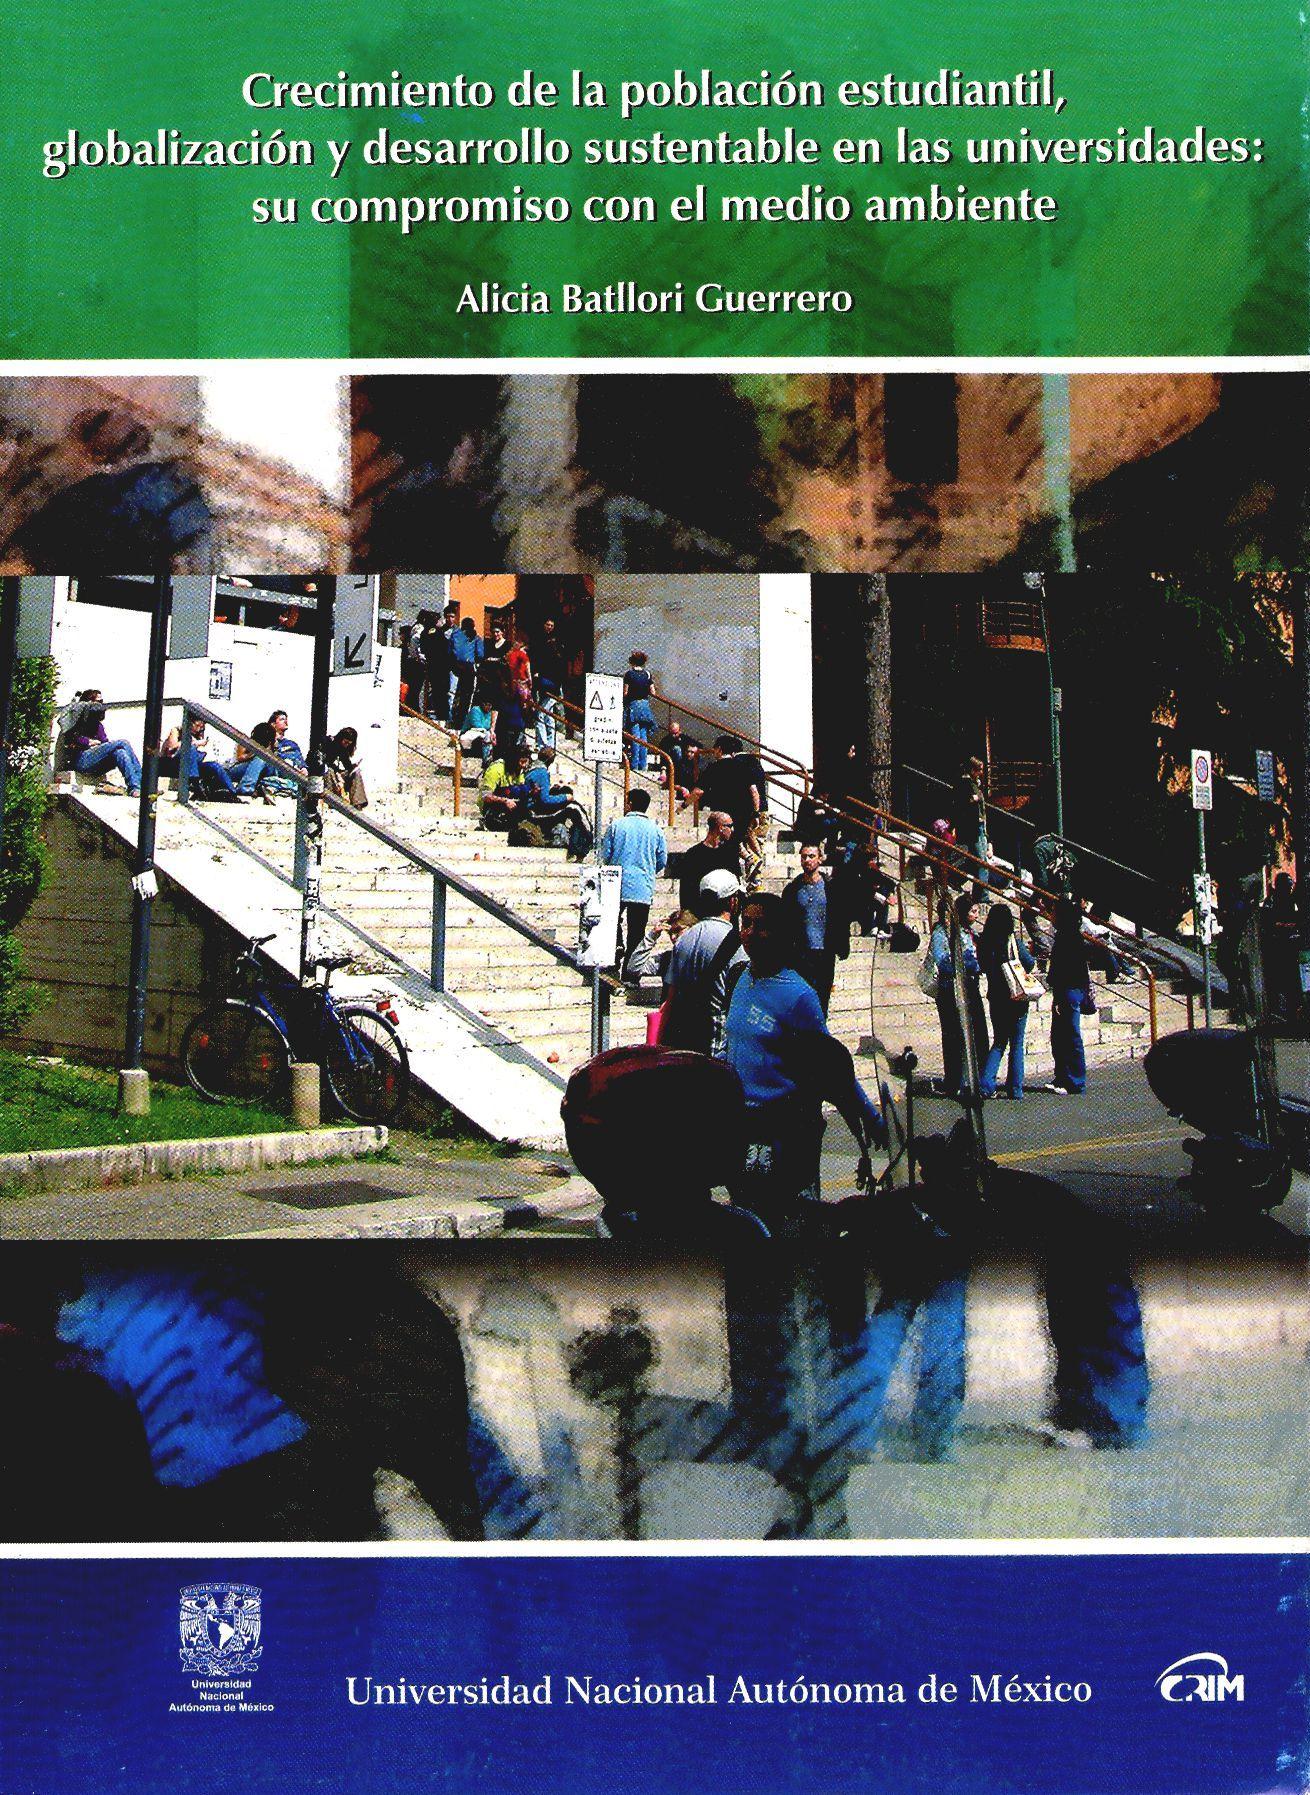 Crecimiento de la población estudiantil, globalización y desarrollo sustentable en las universidades: su compromiso con el medio ambiente